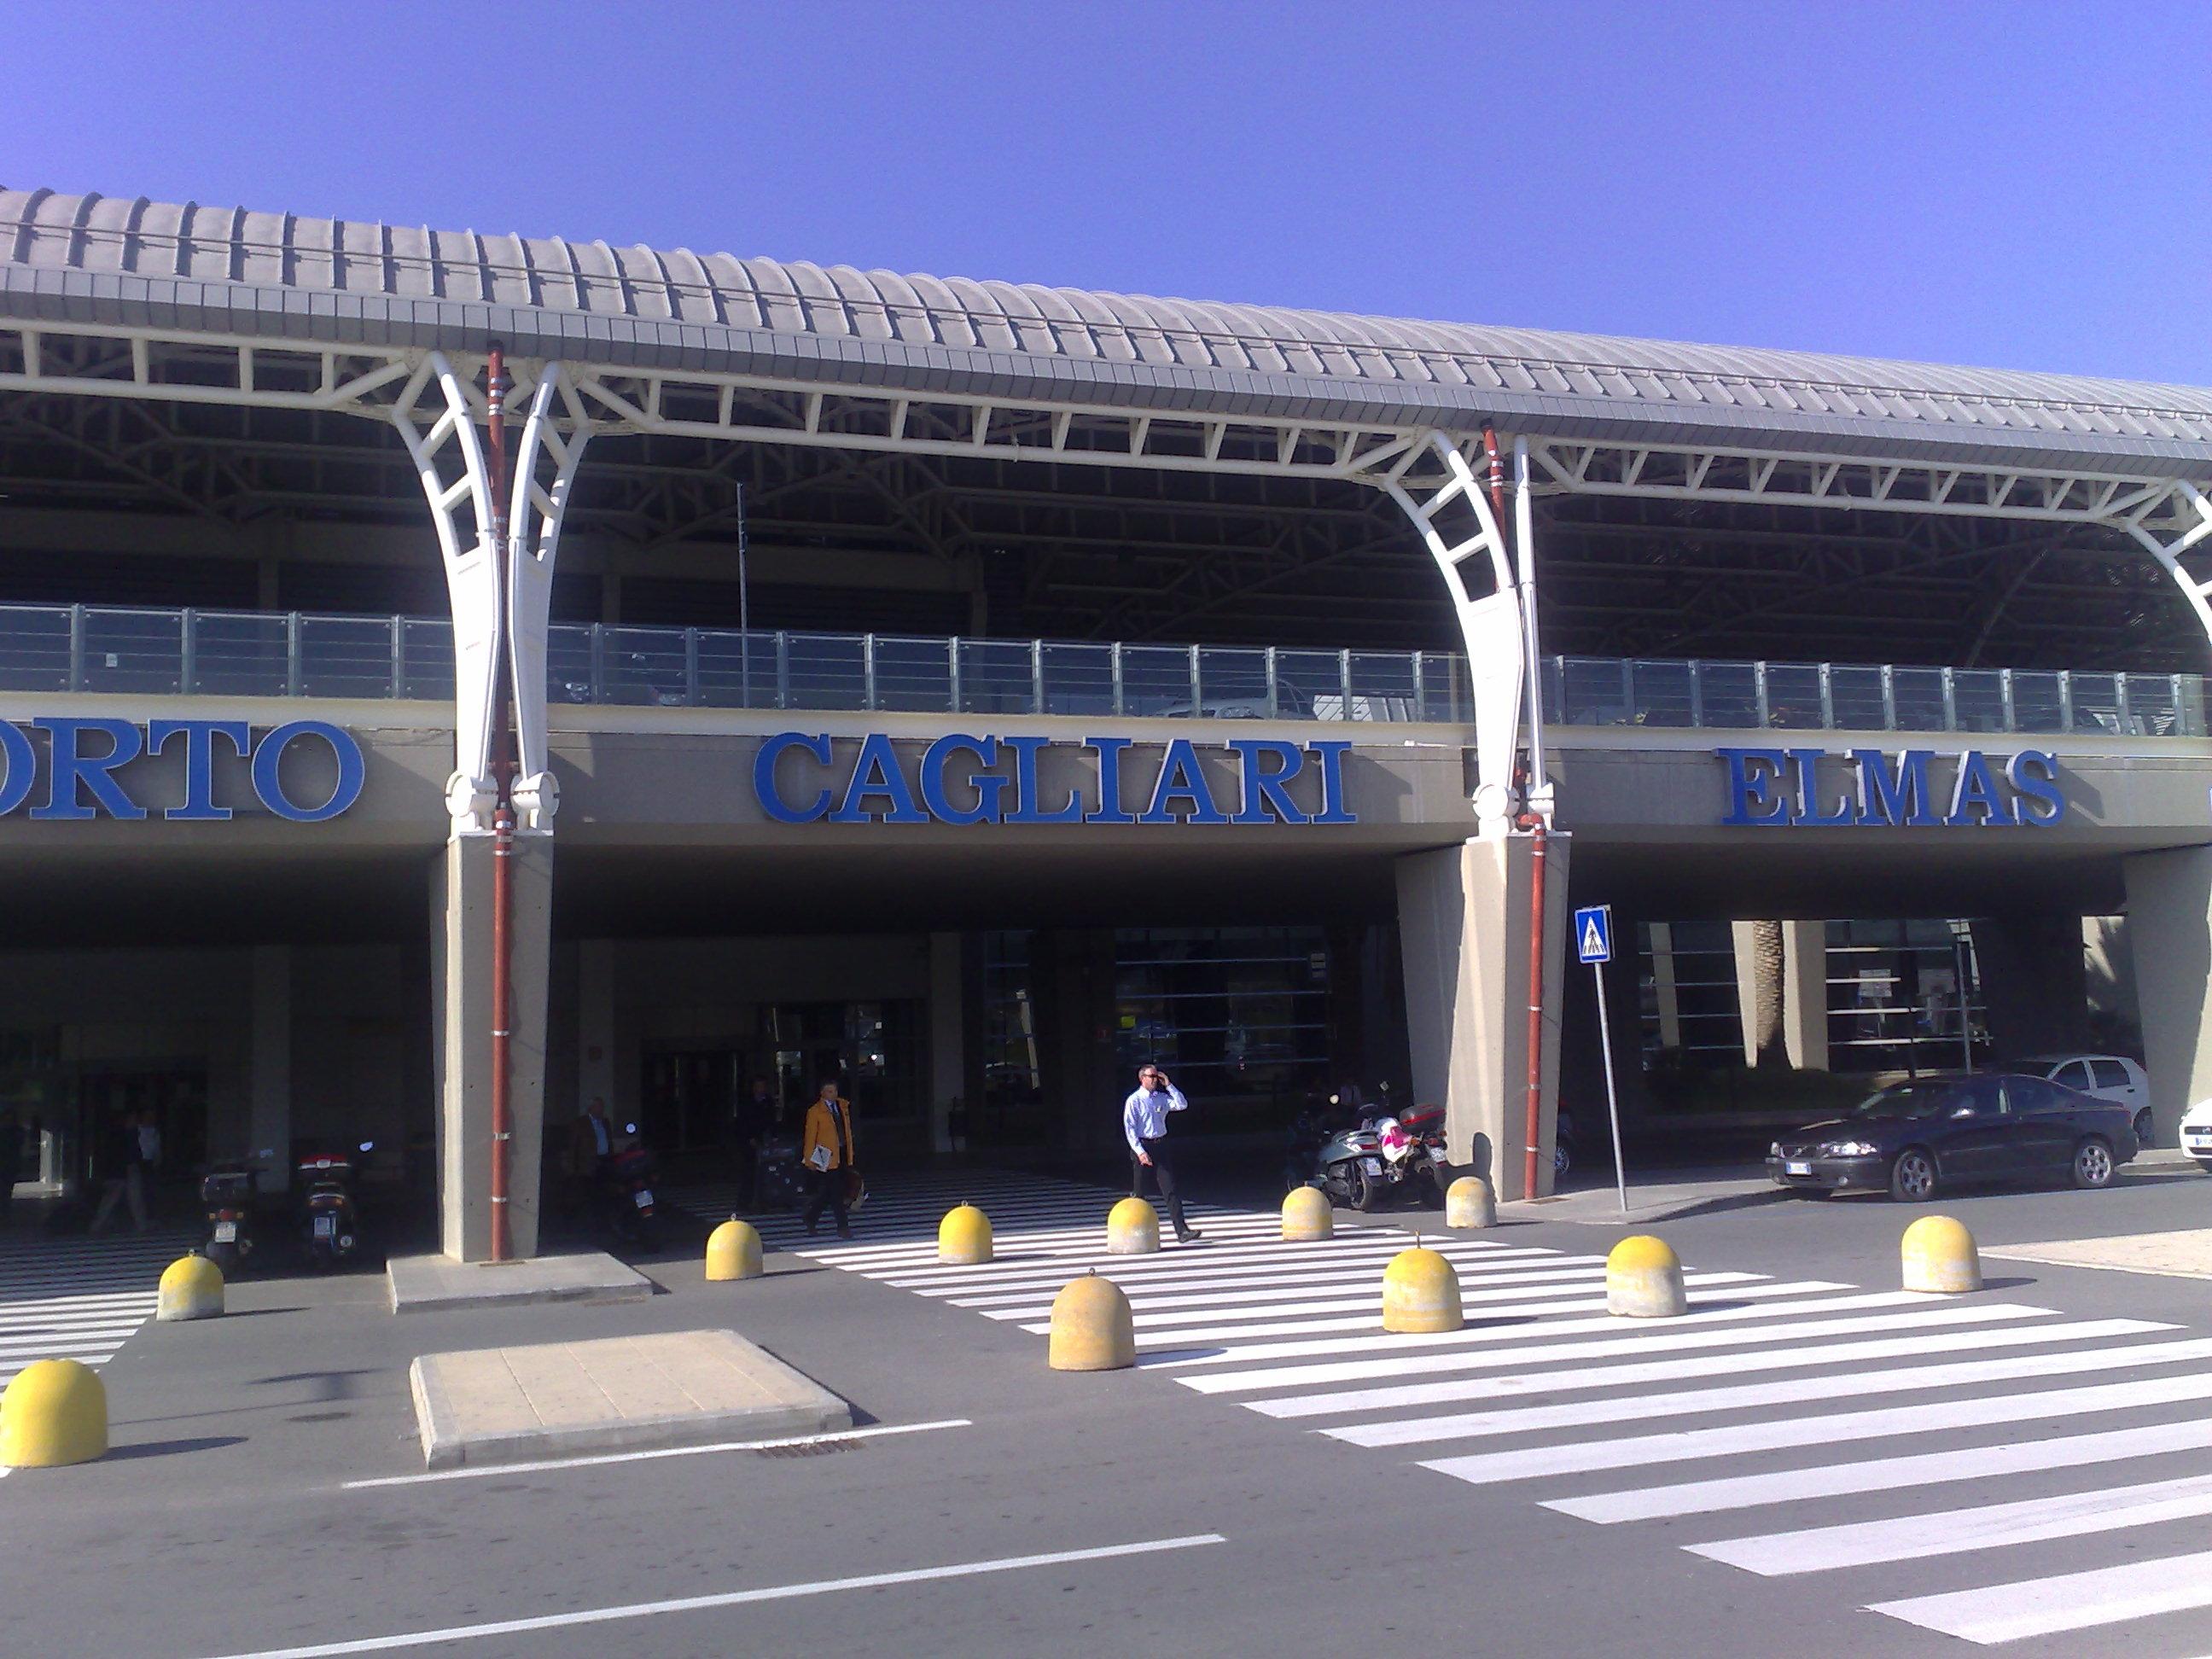 Aeroporto Cagliari : L aeroporto di cagliari elmas e uno degli aeroporti